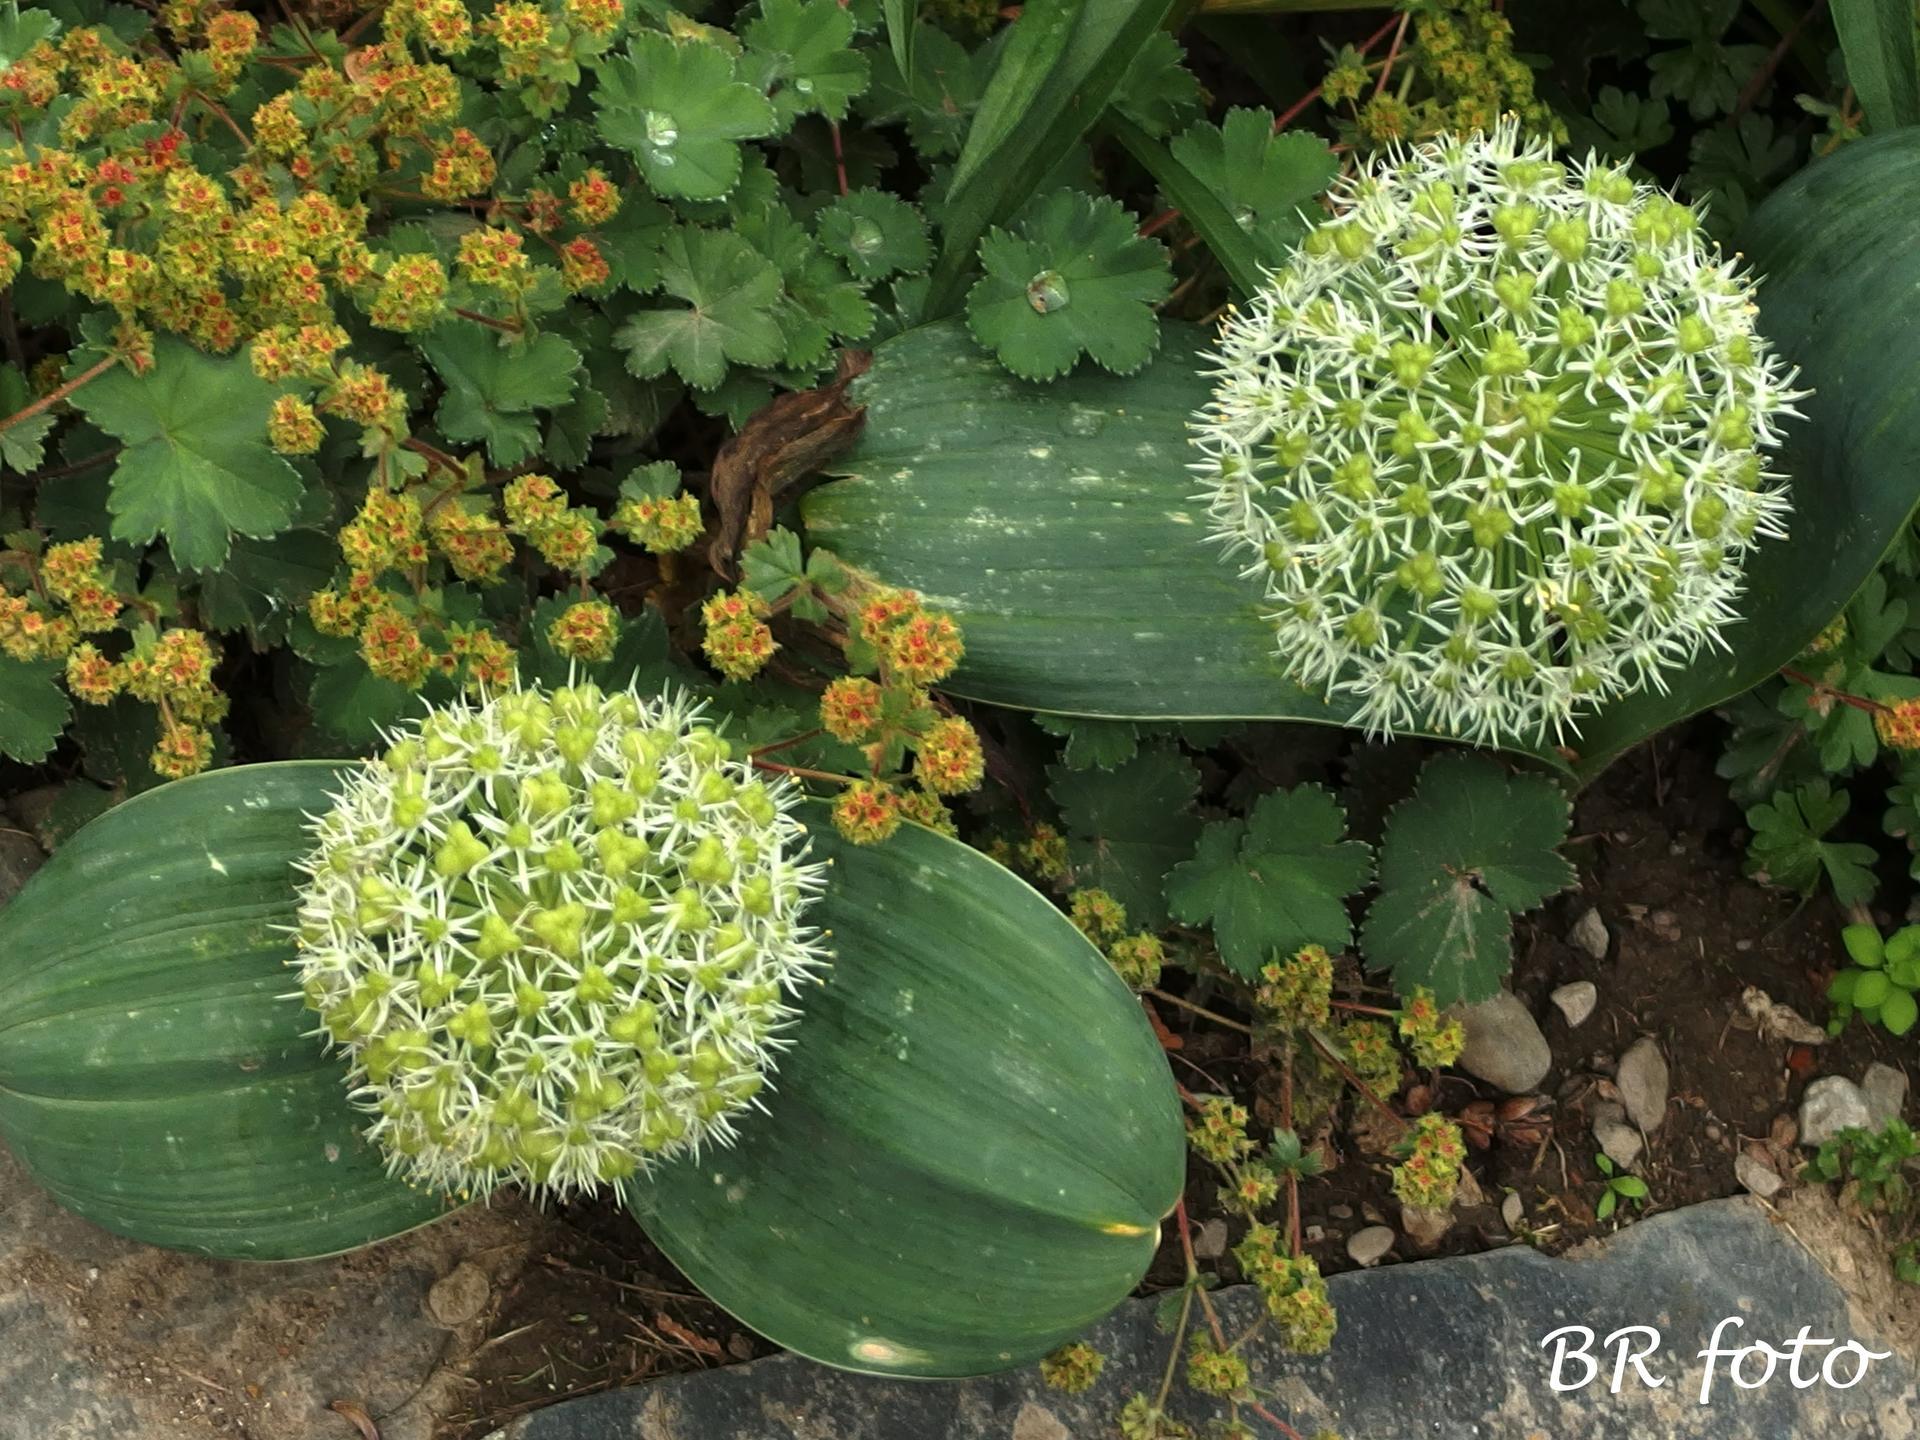 Zahrada v červnu - vše roste a kvete jako o život.... - česnek karatavský a kontryhel